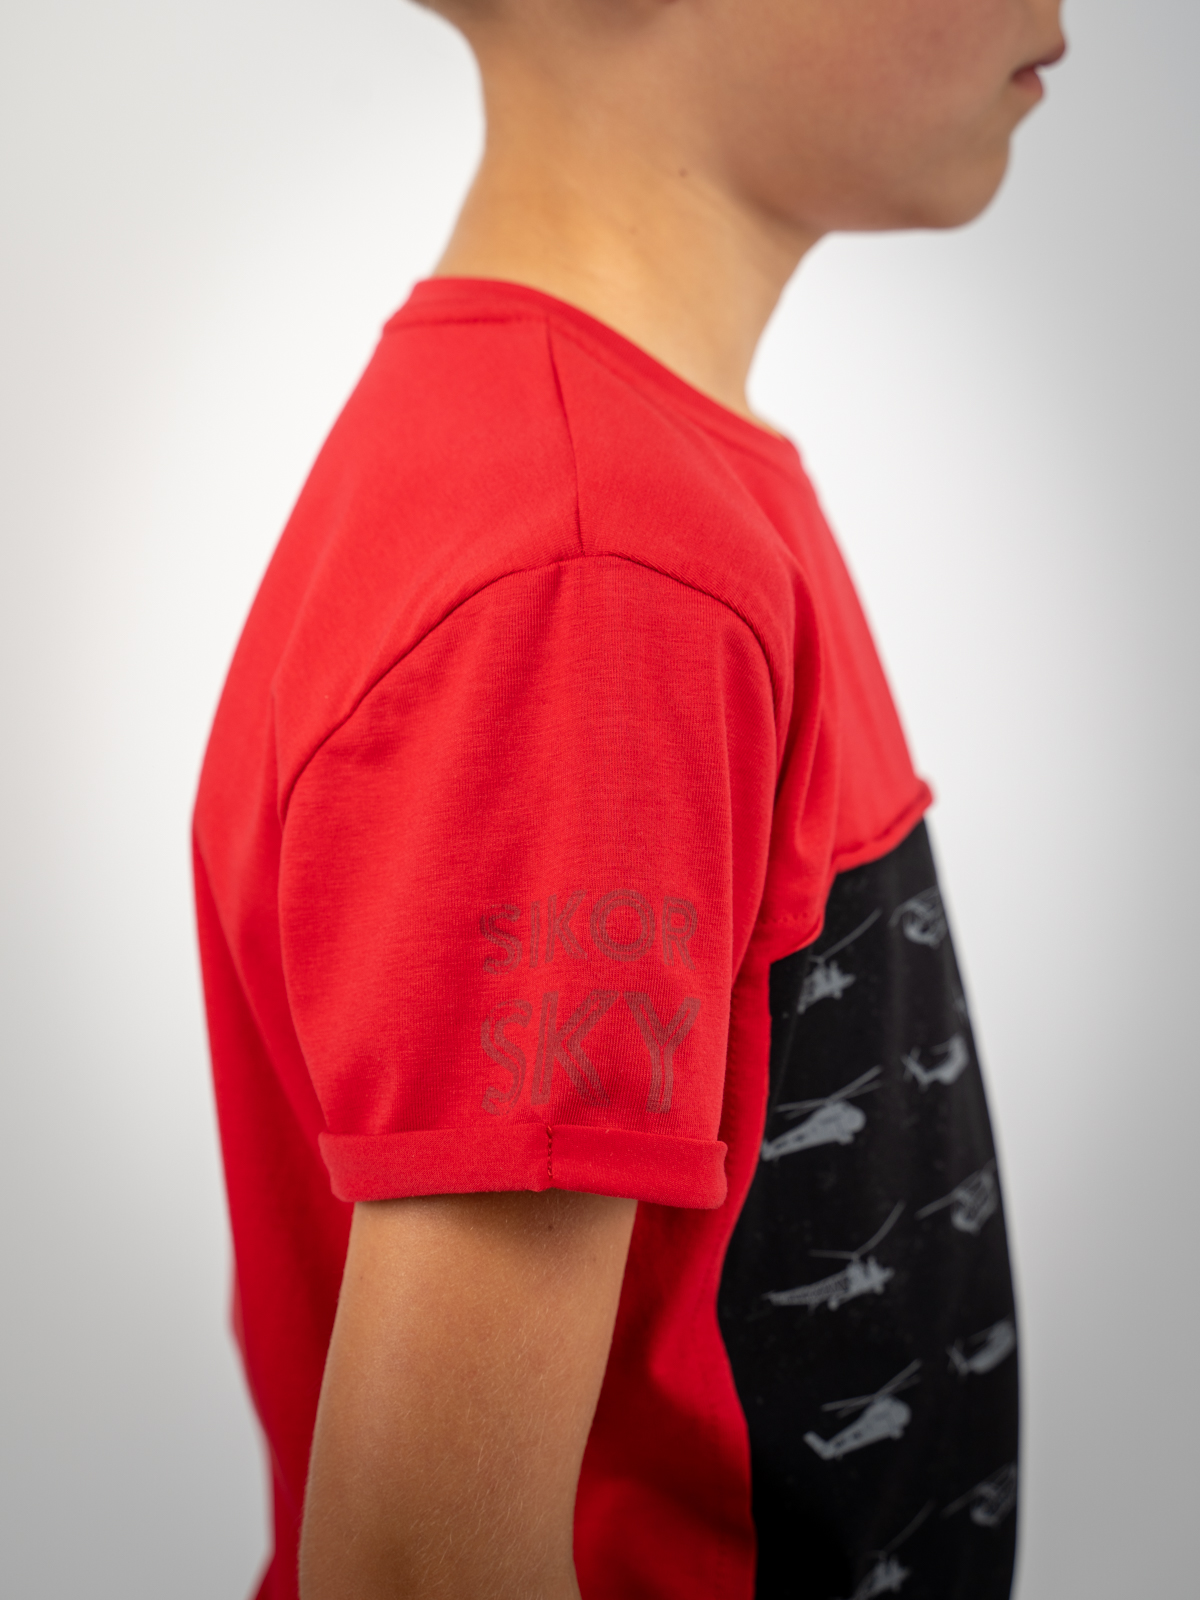 Дитяча Футболка Sikorsky. Колір червоний.  Технологія нанесення зображень: шовкодрук.